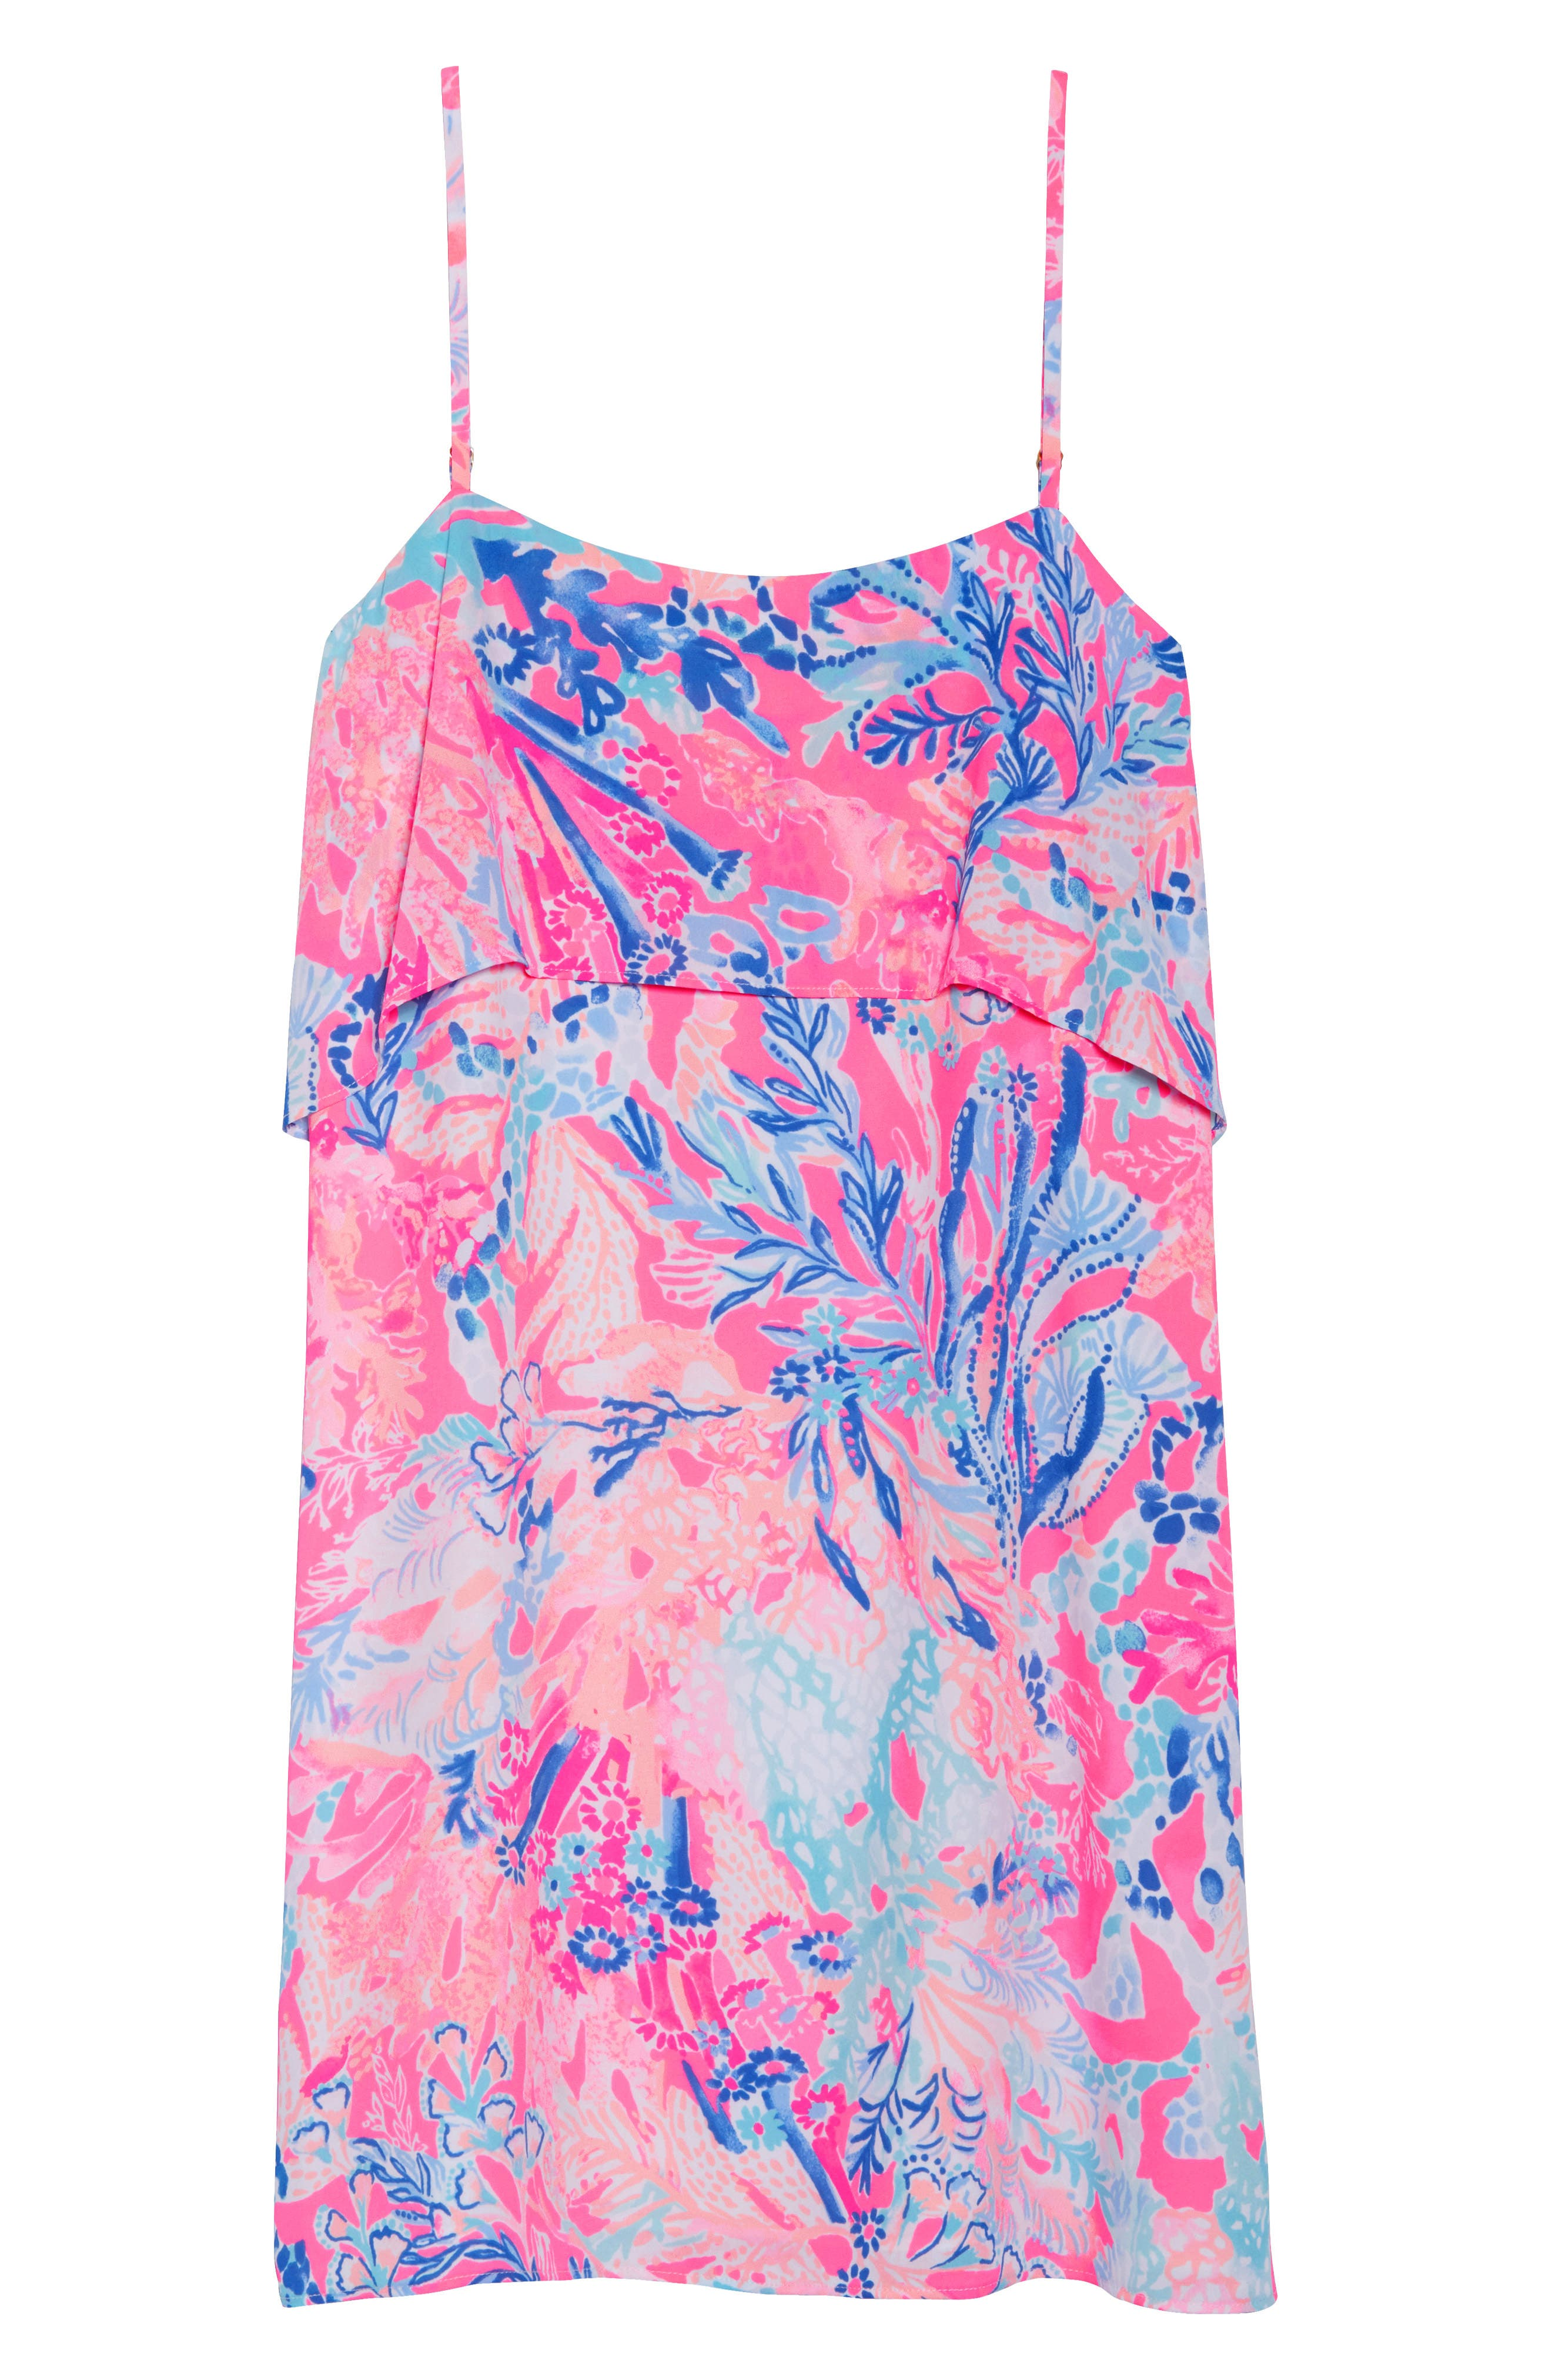 Lexi Shift Dress,                             Alternate thumbnail 7, color,                             686